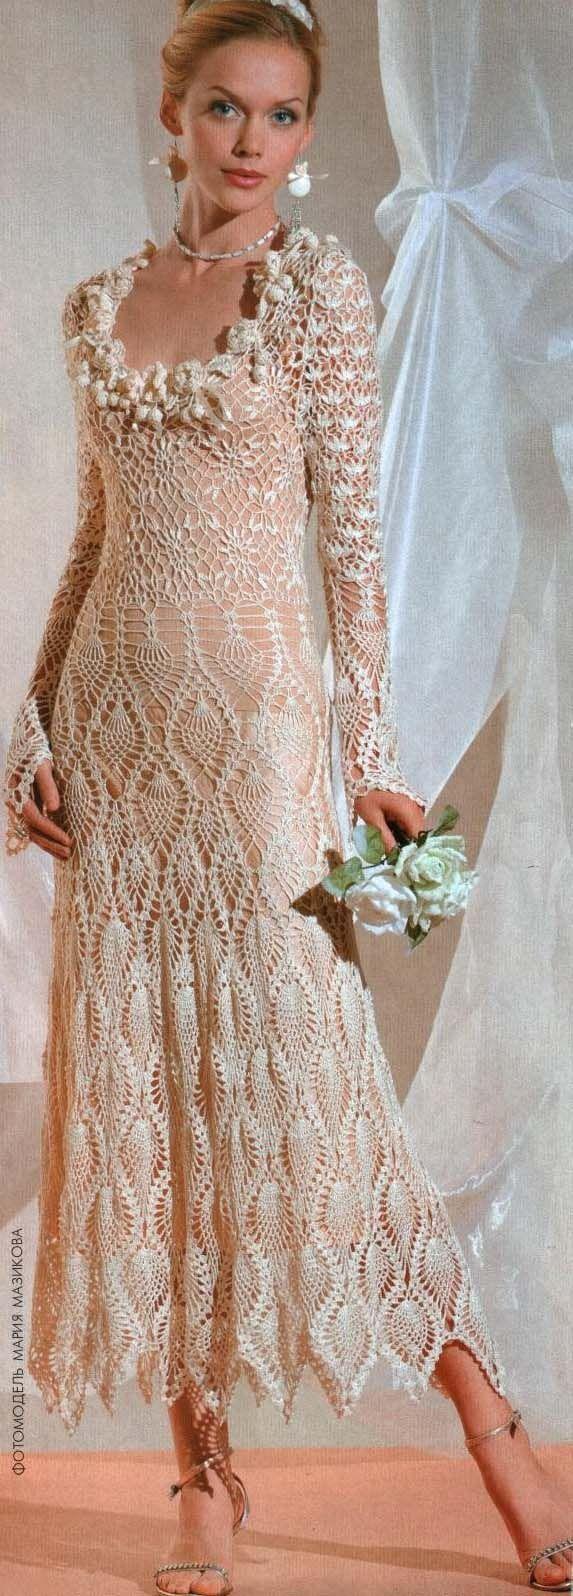 Beige wedding dress with diagrams, | Häkelkleider | Pinterest ...